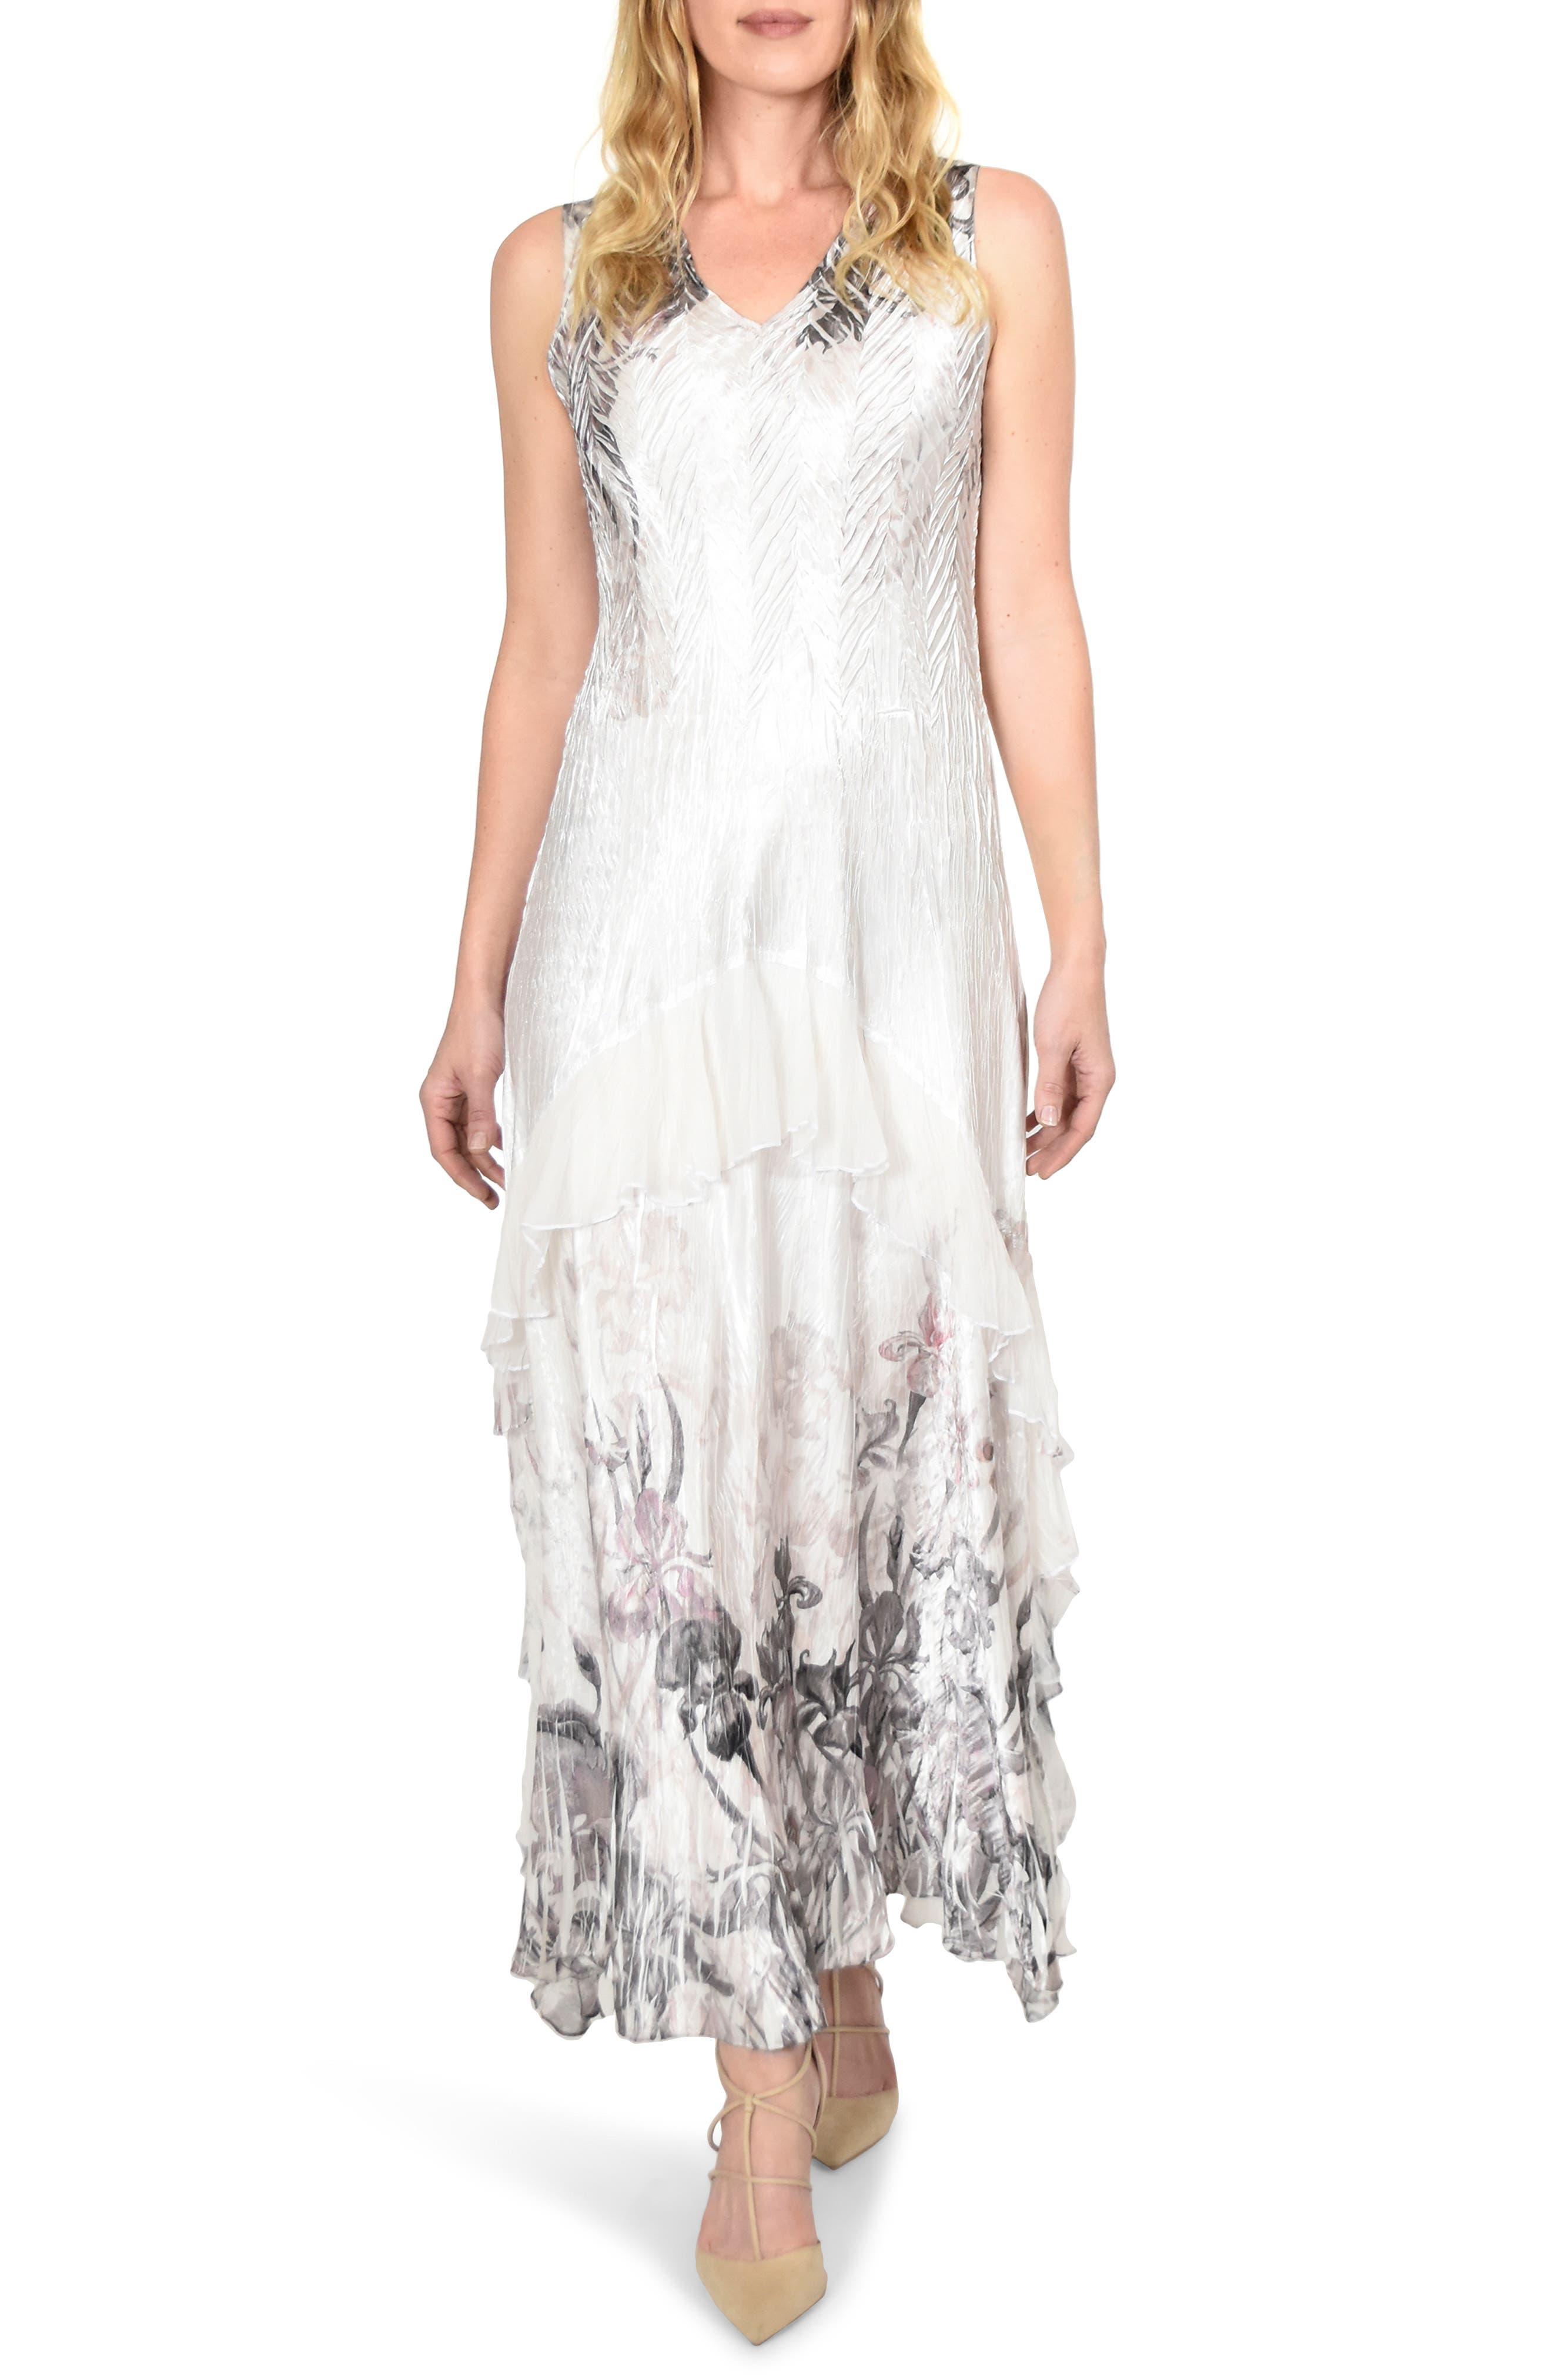 KOMAROV, Charmeuse Dress with Wrap, Alternate thumbnail 4, color, IRIS GARDEN